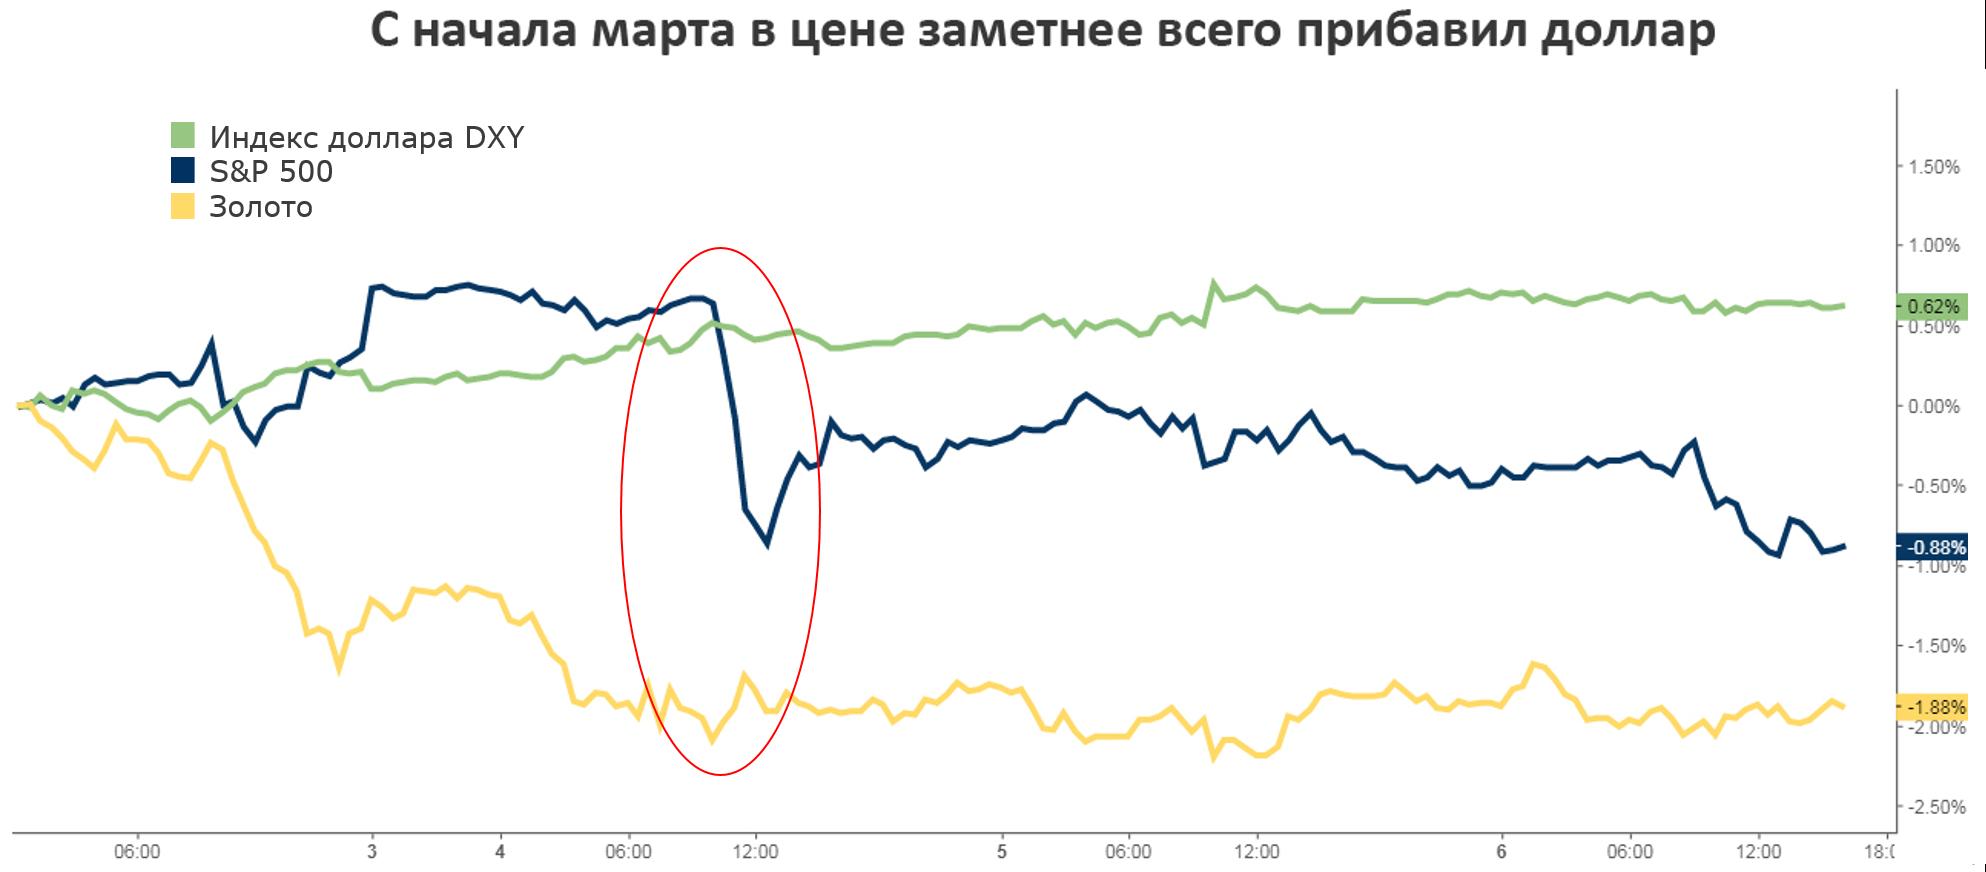 Рынок США дальше не идет: в чем причина слабой динамики котировок?